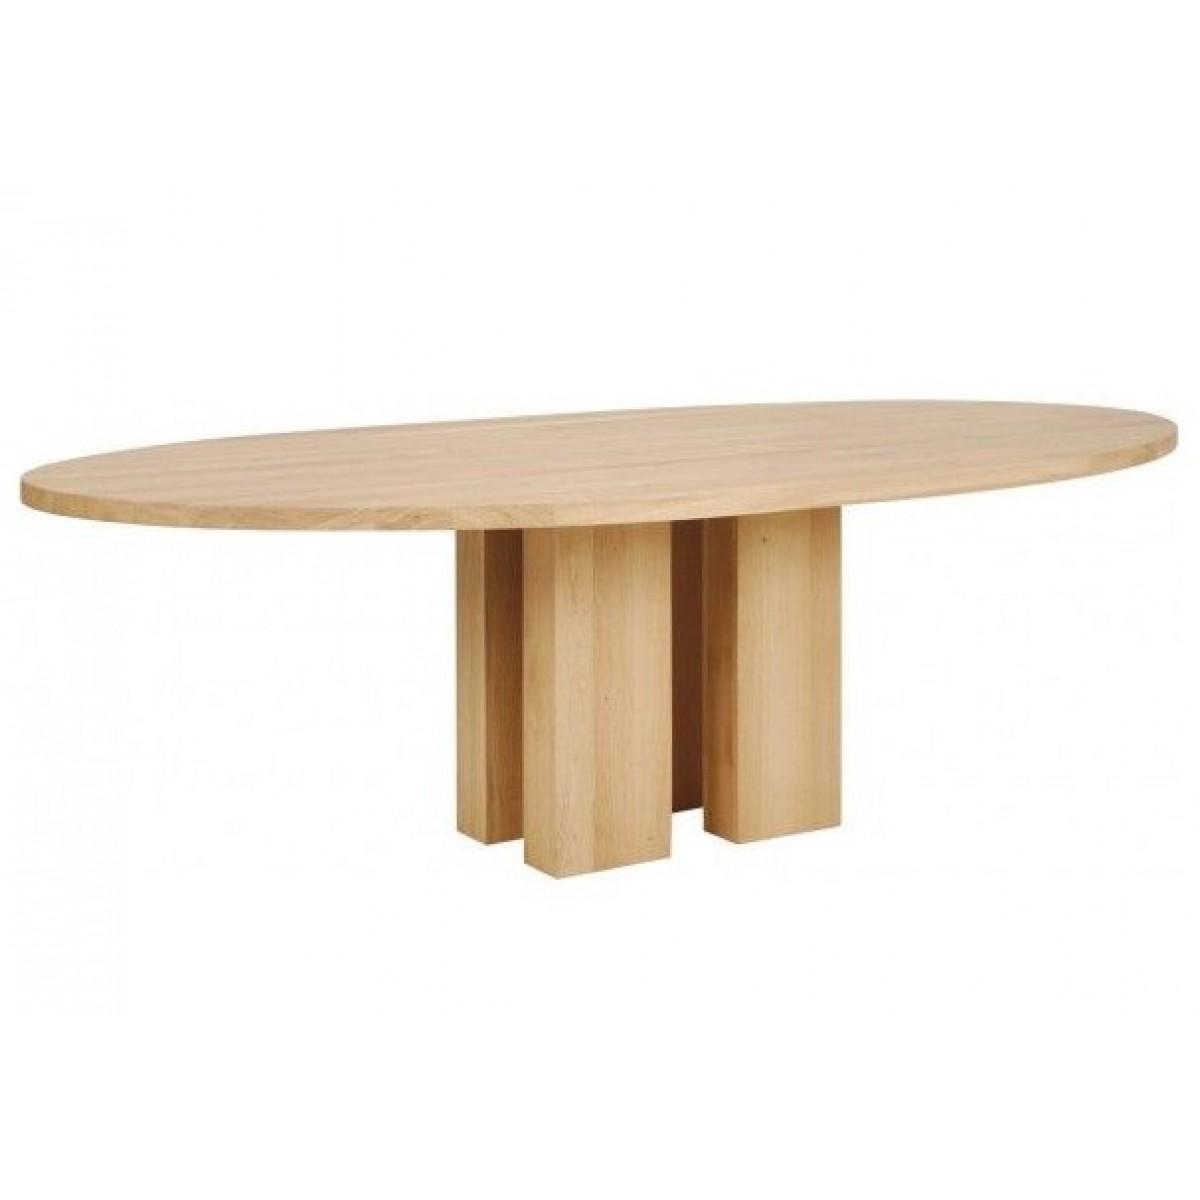 ovaal-ovale-tafel-eettafel-eetkamertafel-eiken-kolompoot-blank-eiken